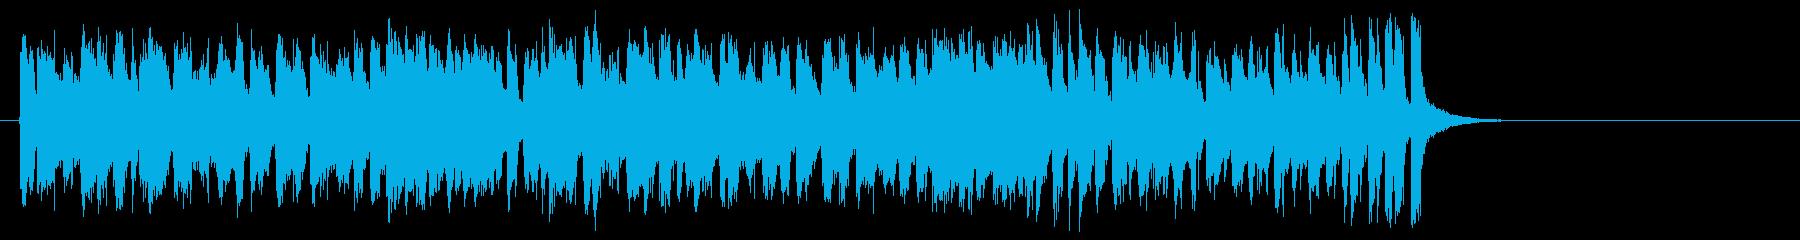 ラテン系フュージョン(サビ~イントロ)の再生済みの波形